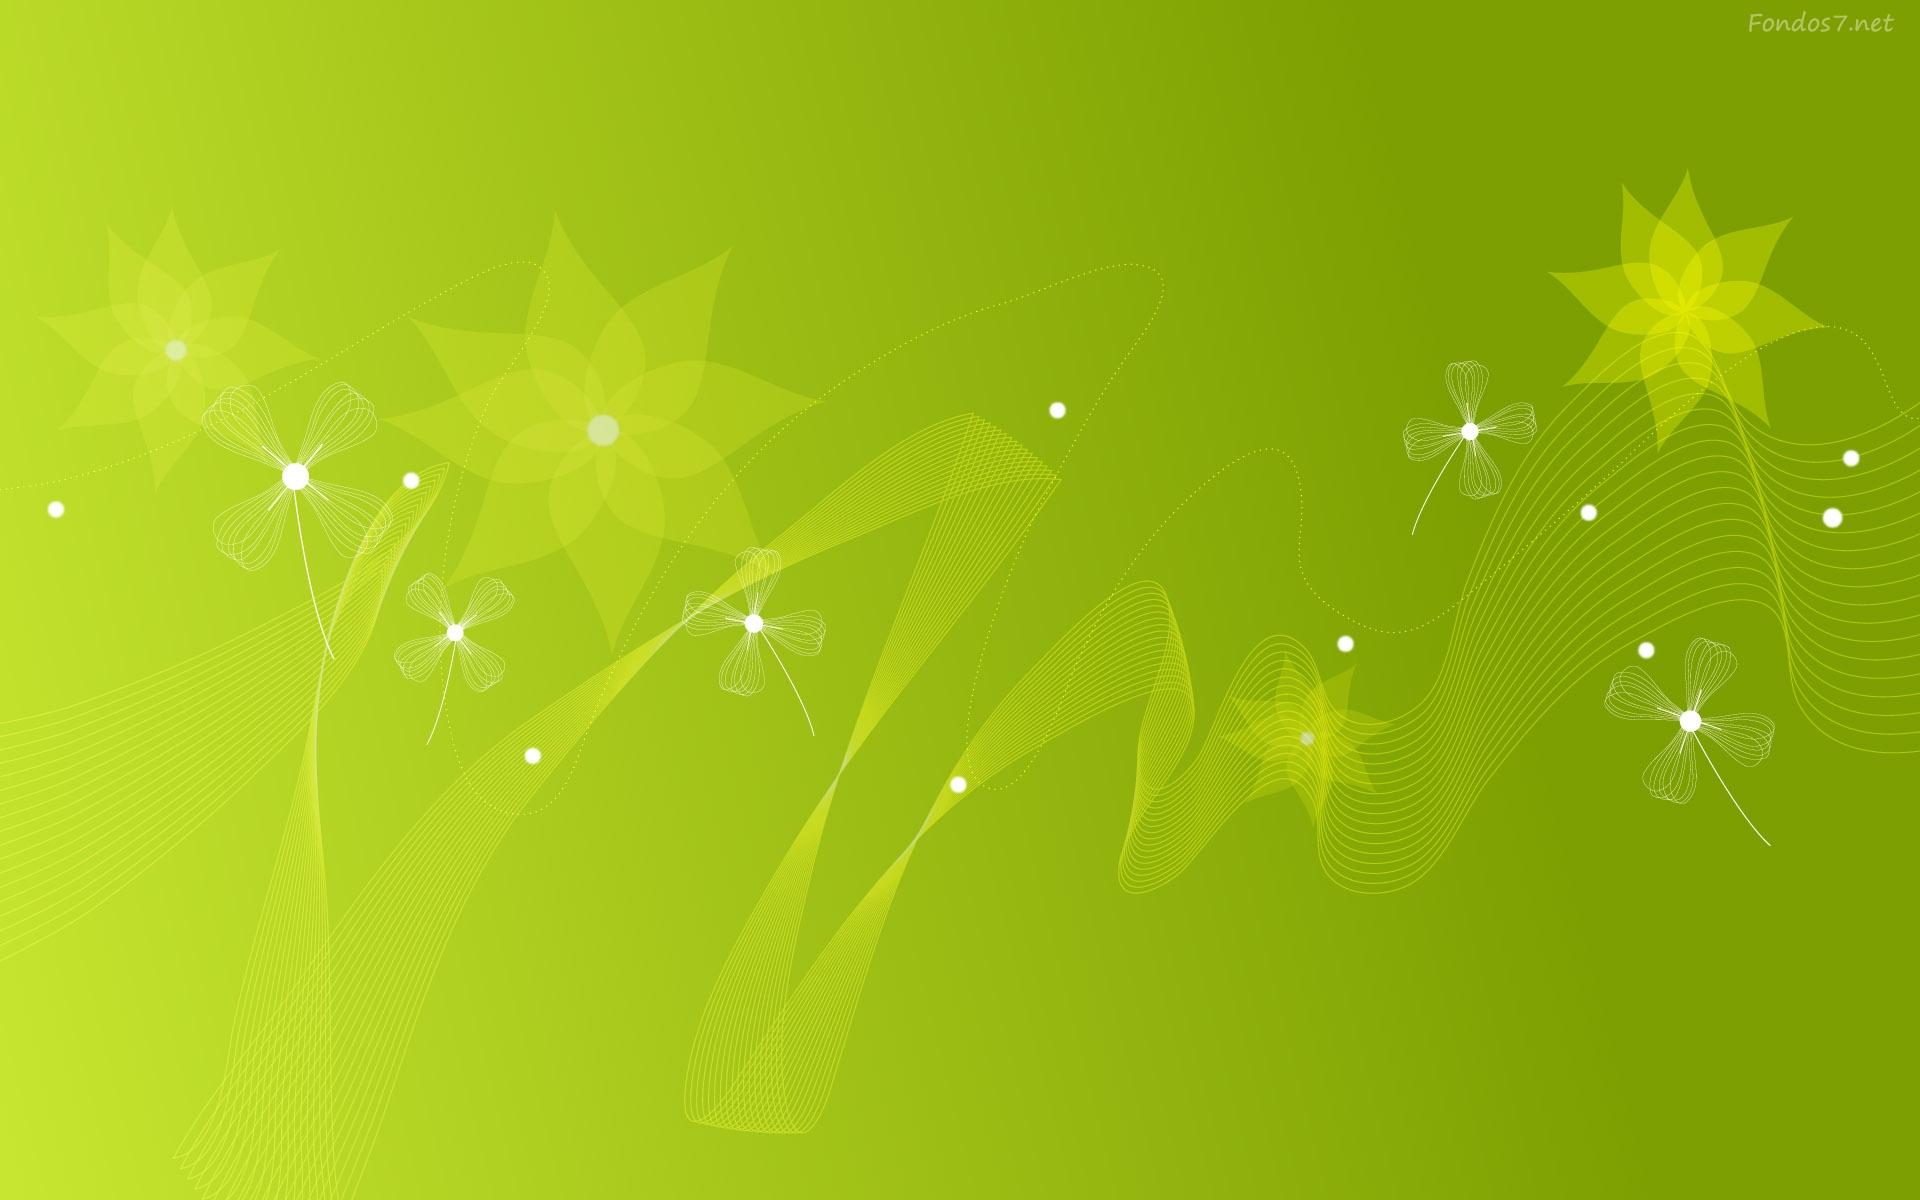 green wallpaper widescreen original wallpapers 1920x1200 fondos7net 1920x1200